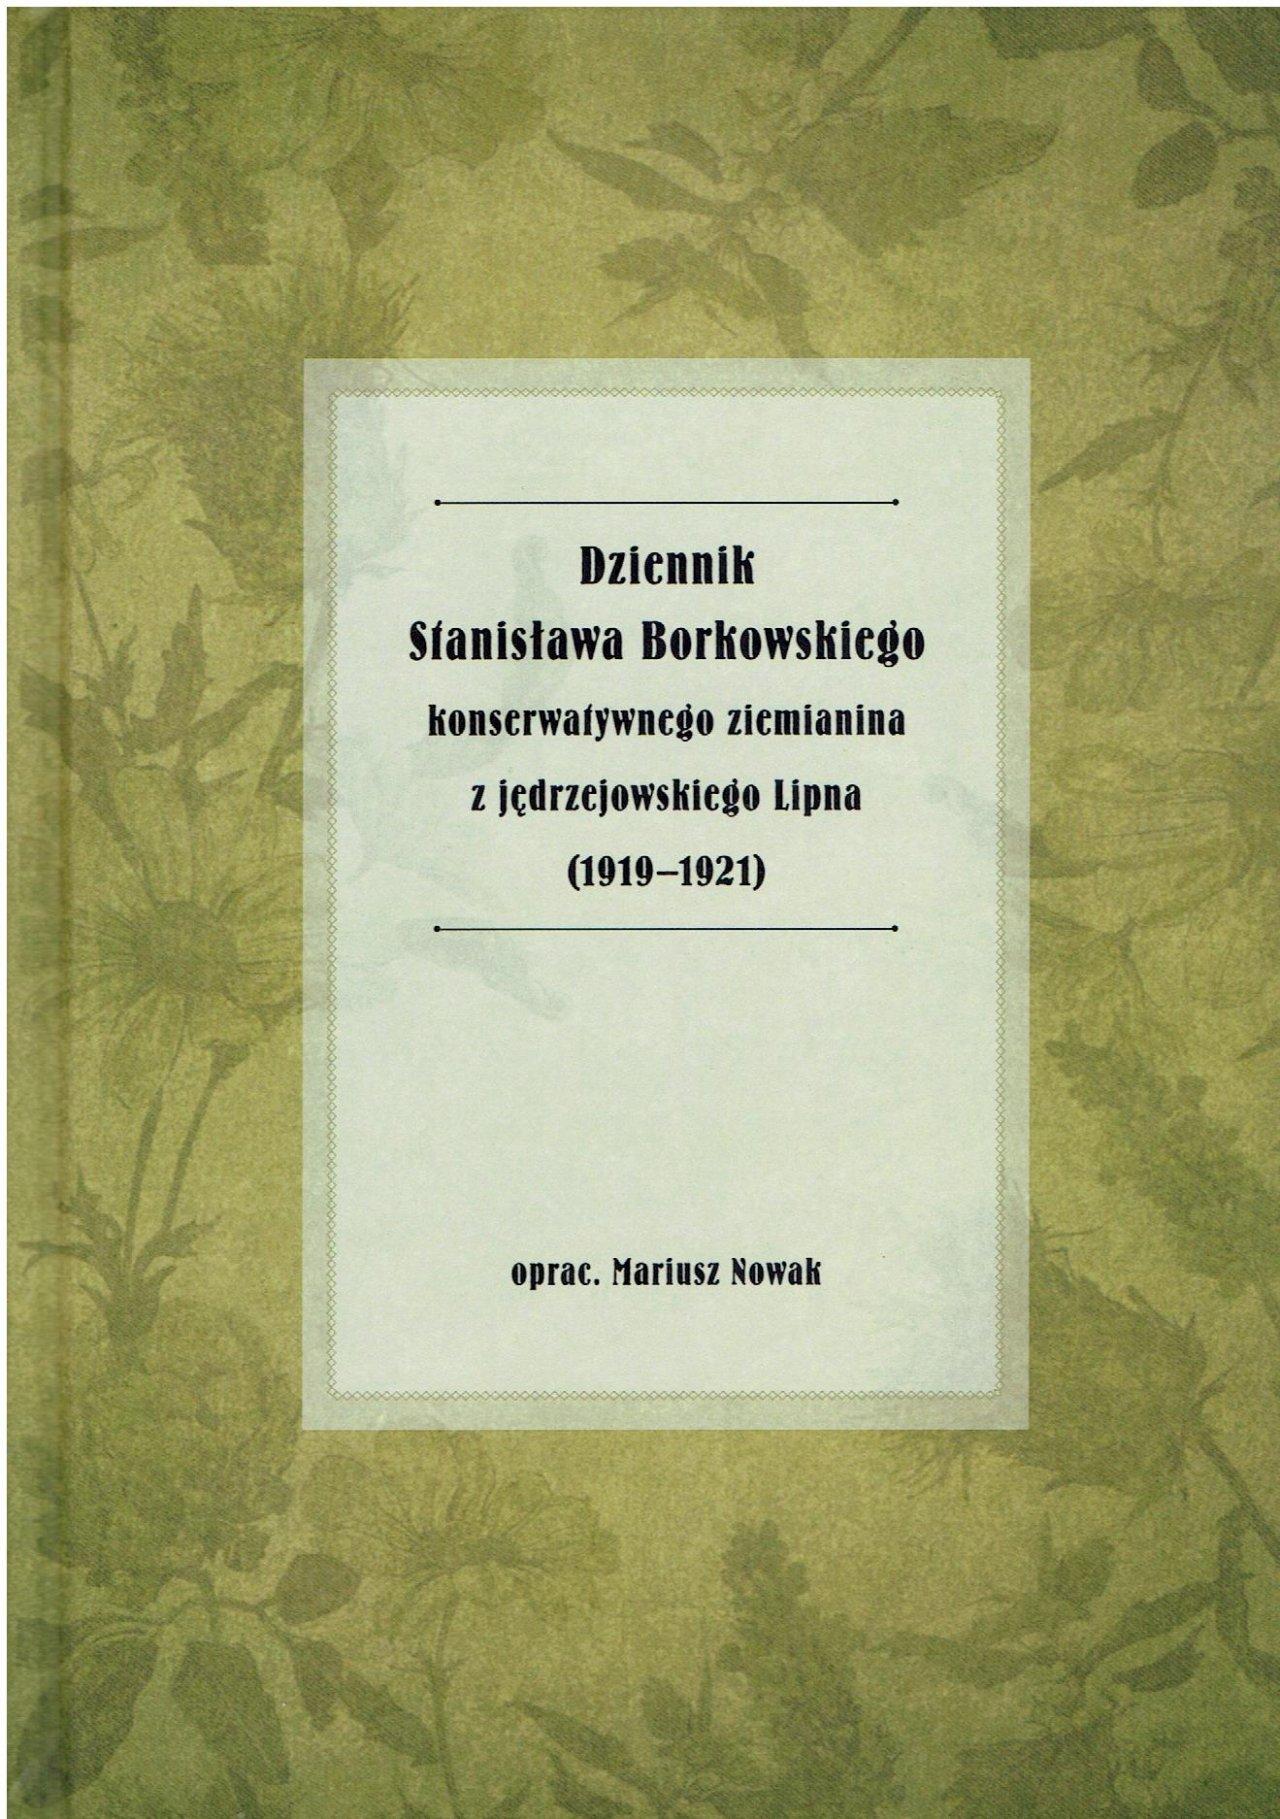 Dziennik Stanisława Borkowskiego konserwatywnego ziemianina  z jędrzejowskiego Lipna (191901921) Borkowski  Stanisław